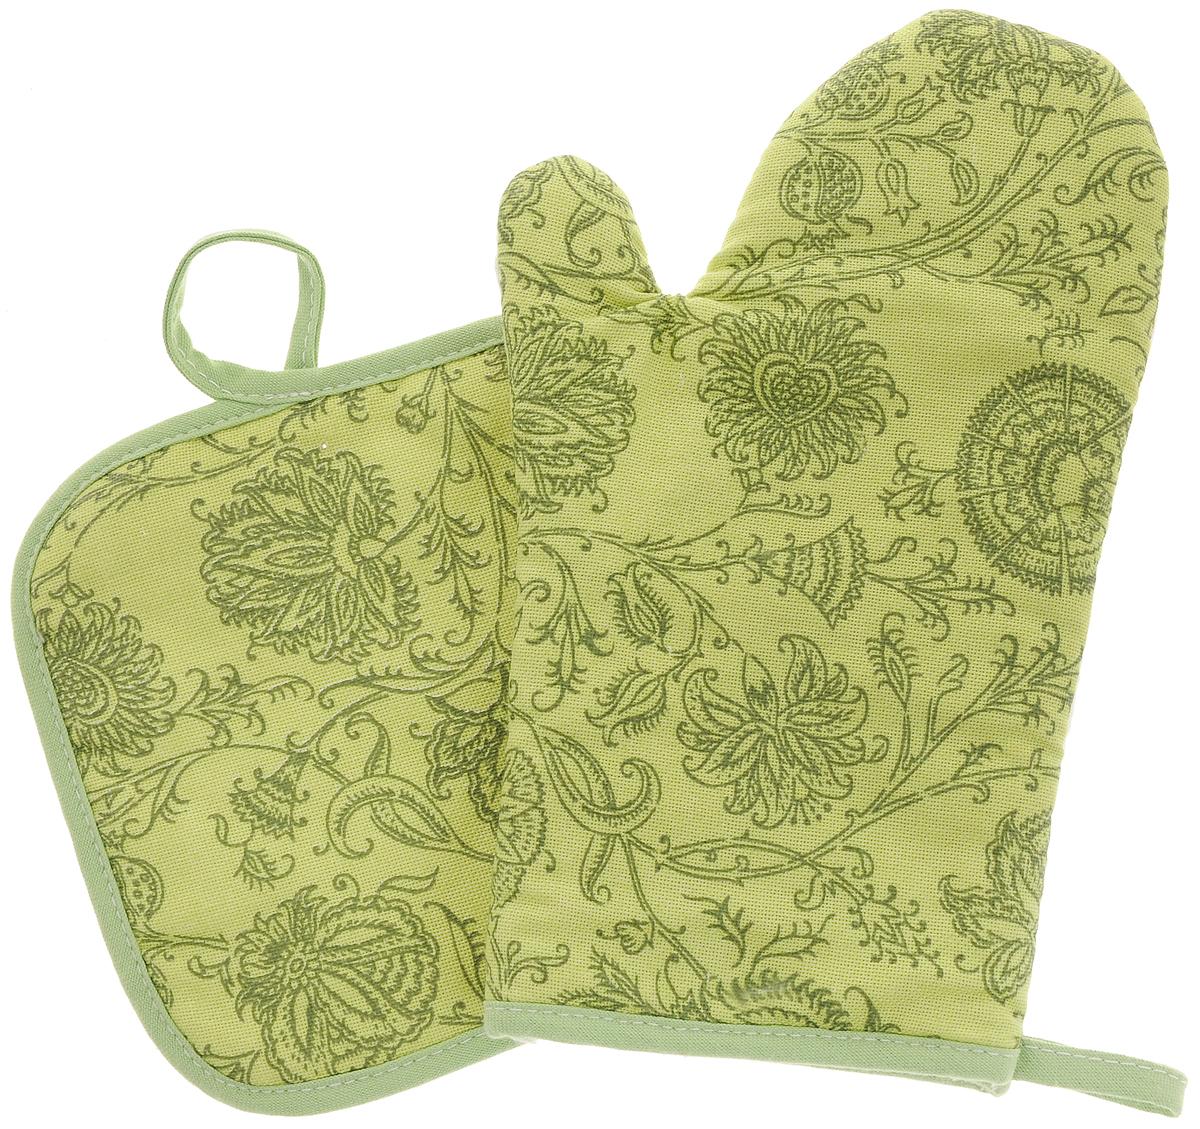 Набор прихваток Bonita Марципан, 2 предмета11010815721Набор Bonita Марципан состоит из прихватки- рукавицы и квадратной прихватки. Изделия выполнены из натурального хлопка и декорированы оригинальным рисунком. Прихватки простеганы, а края окантованы. Оснащены специальными петельками, за которые их можно подвесить на крючок в любом удобном для вас месте. Такой набор красиво дополнит интерьер кухни. Размер прихватки-рукавицы: 18 х 27 см. Размер прихватки: 18 х 18 см.